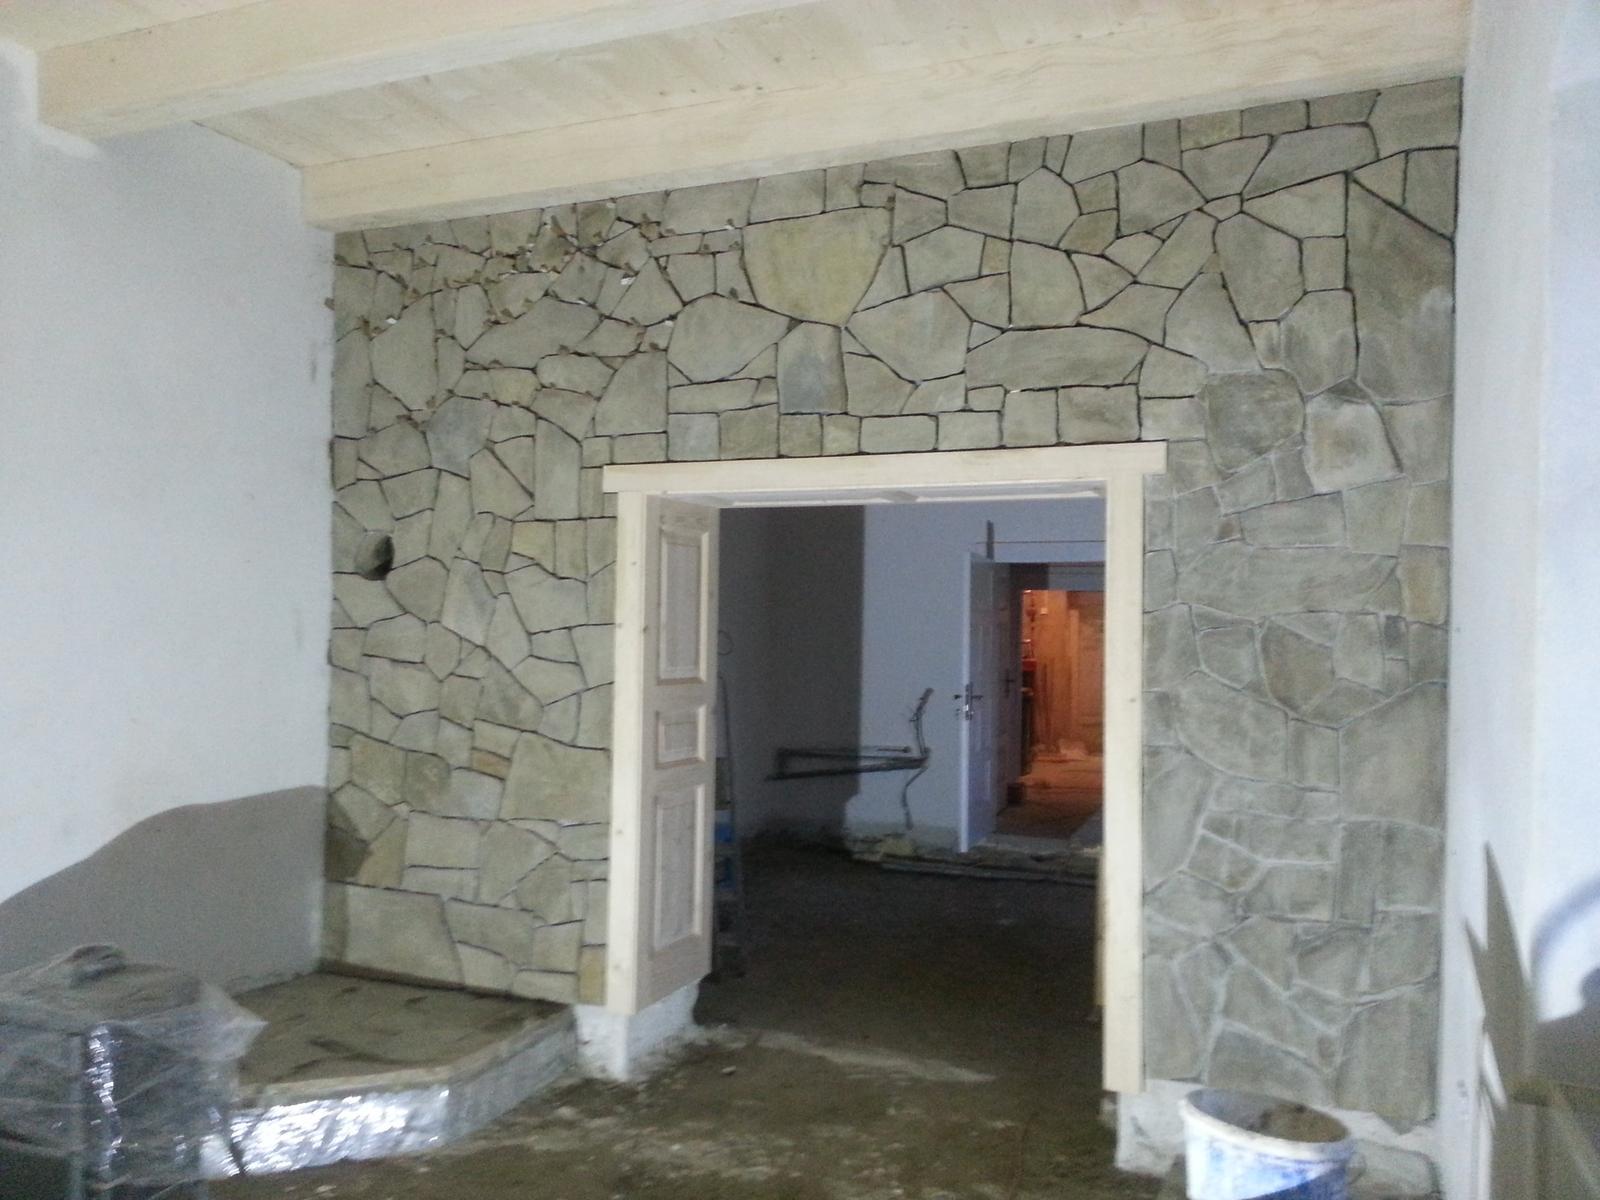 Rekonstrukcia  domu z 18- teho storocia - Obrázok č. 238